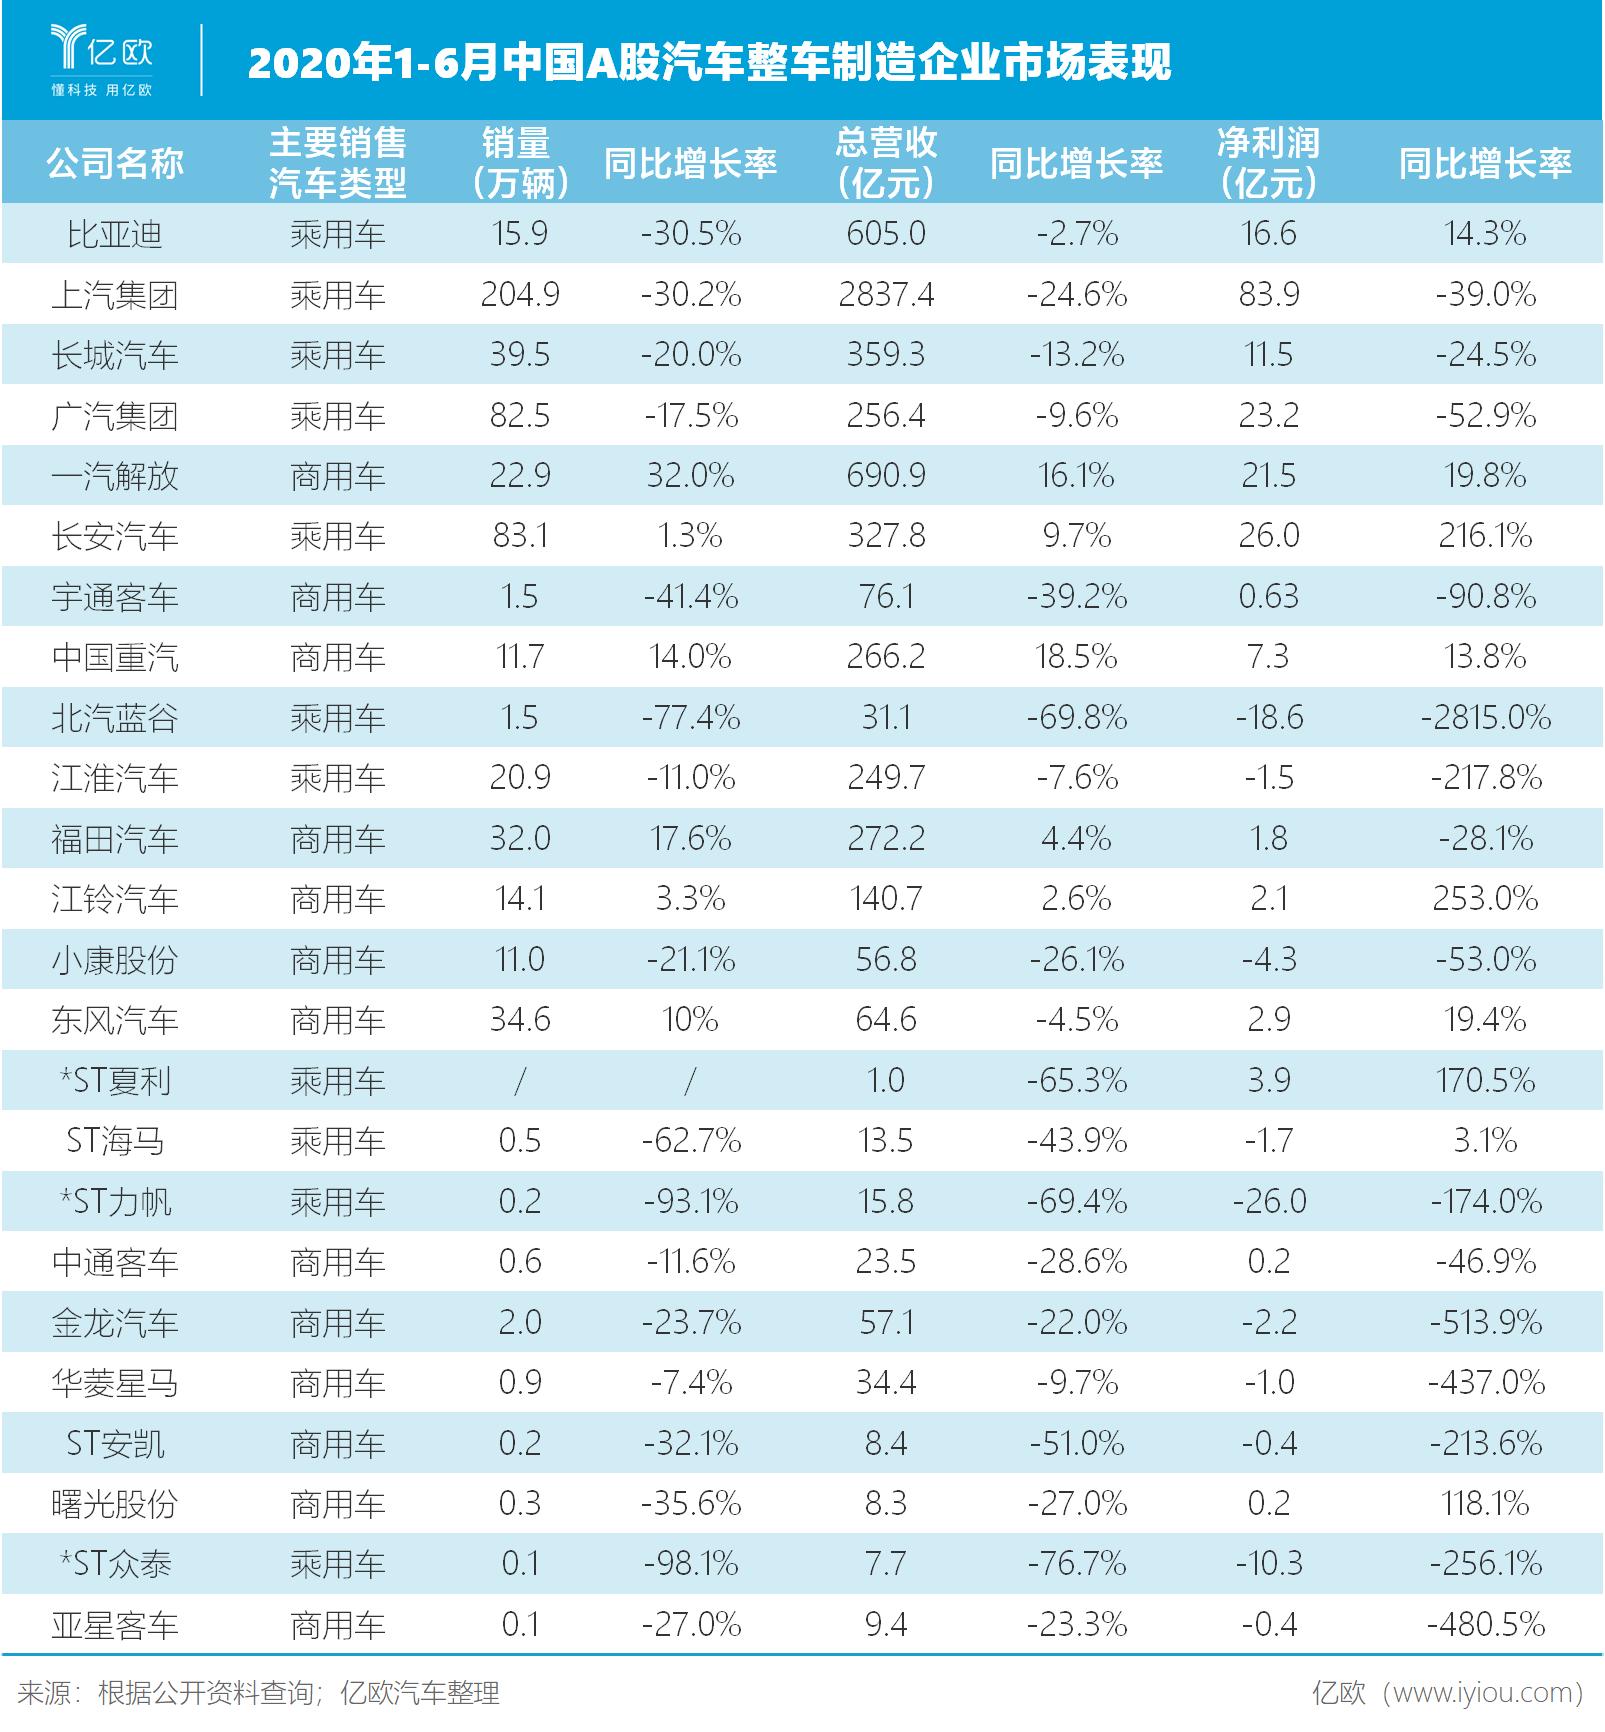 2020年1-6月中国A股整车制造企业市场表现